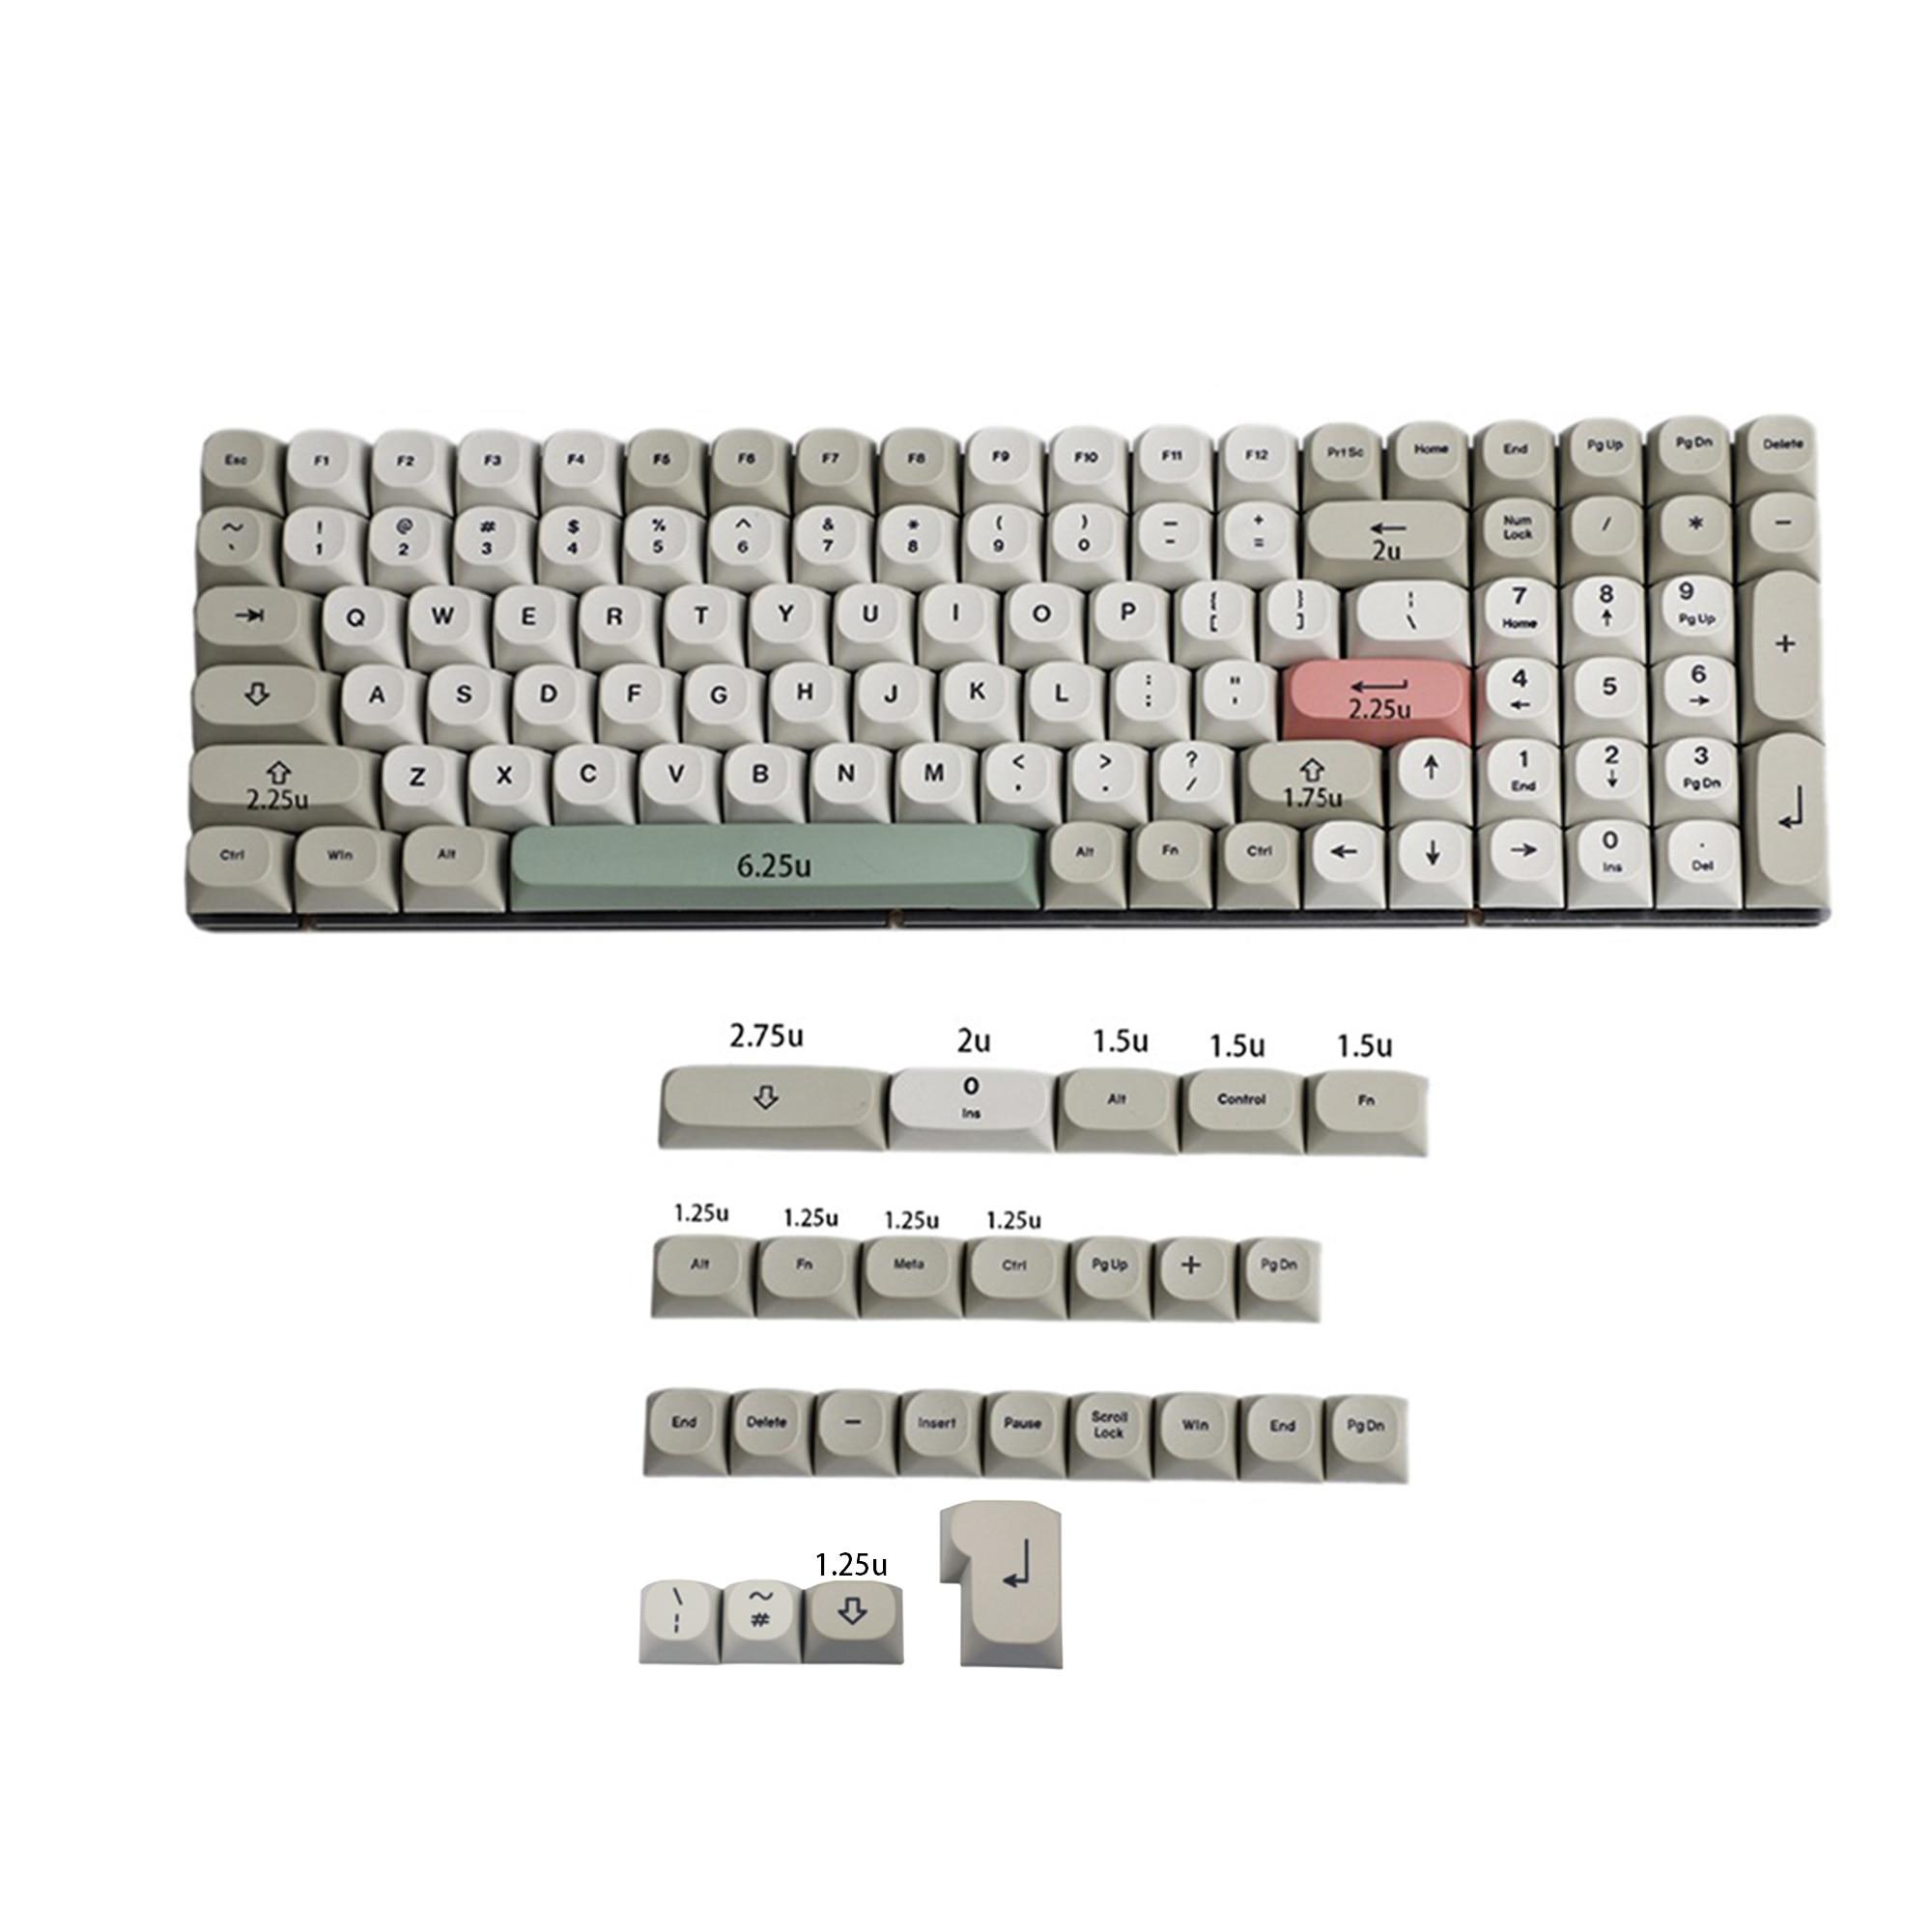 125 MA Dye Sub 9009 Retro PBT Keycap For MX Mechanical Keyboard 104 TKL 61 KBD75 Kira96 YMD96 GK64 Tada68 ID80 enlarge